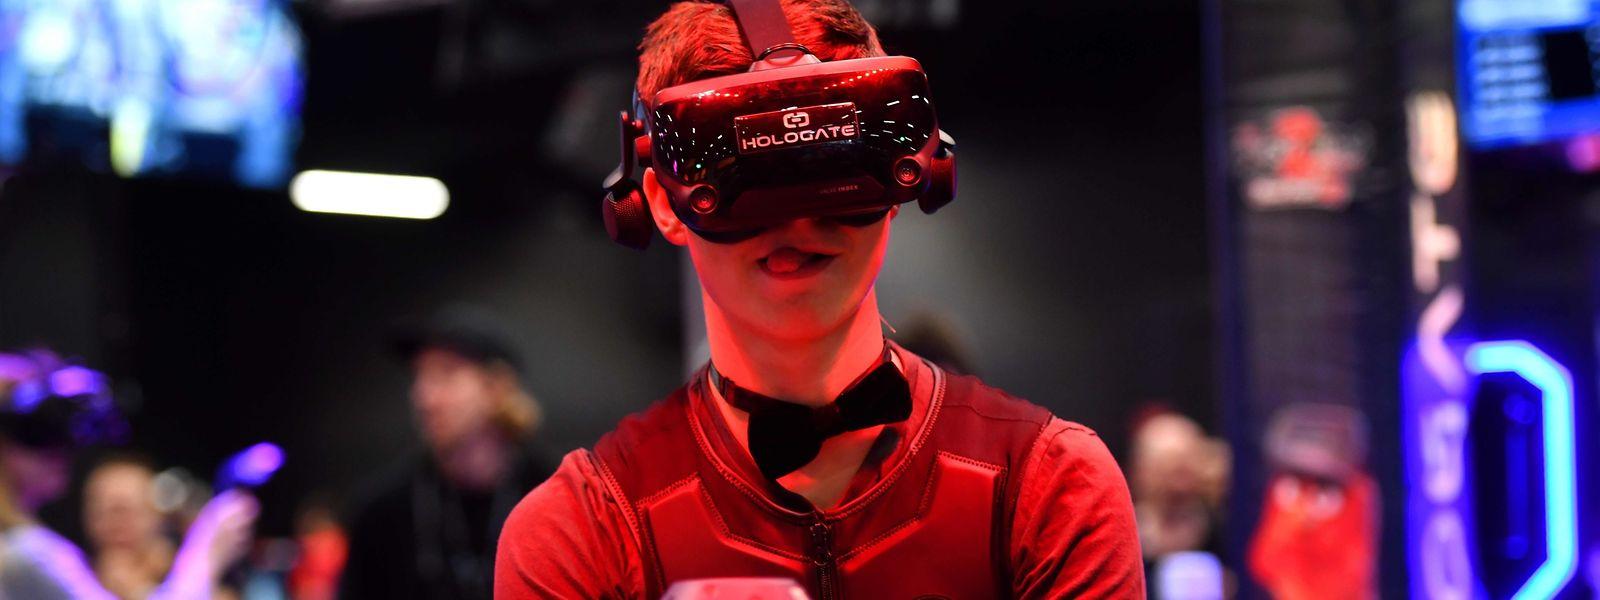 Plonger dans Angry Birds Movie mais avec un casque de réalité virtuelle: voilà une des attractions du salon.